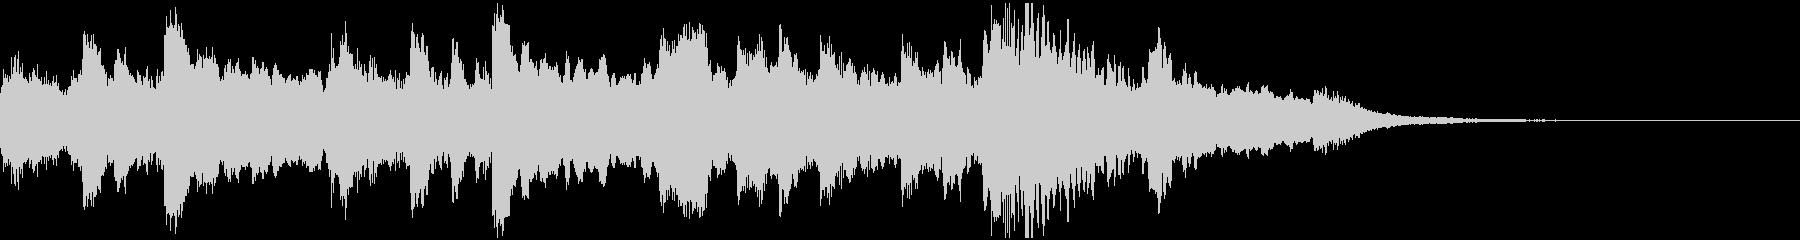 ハープのオリエンタルなジングルの未再生の波形